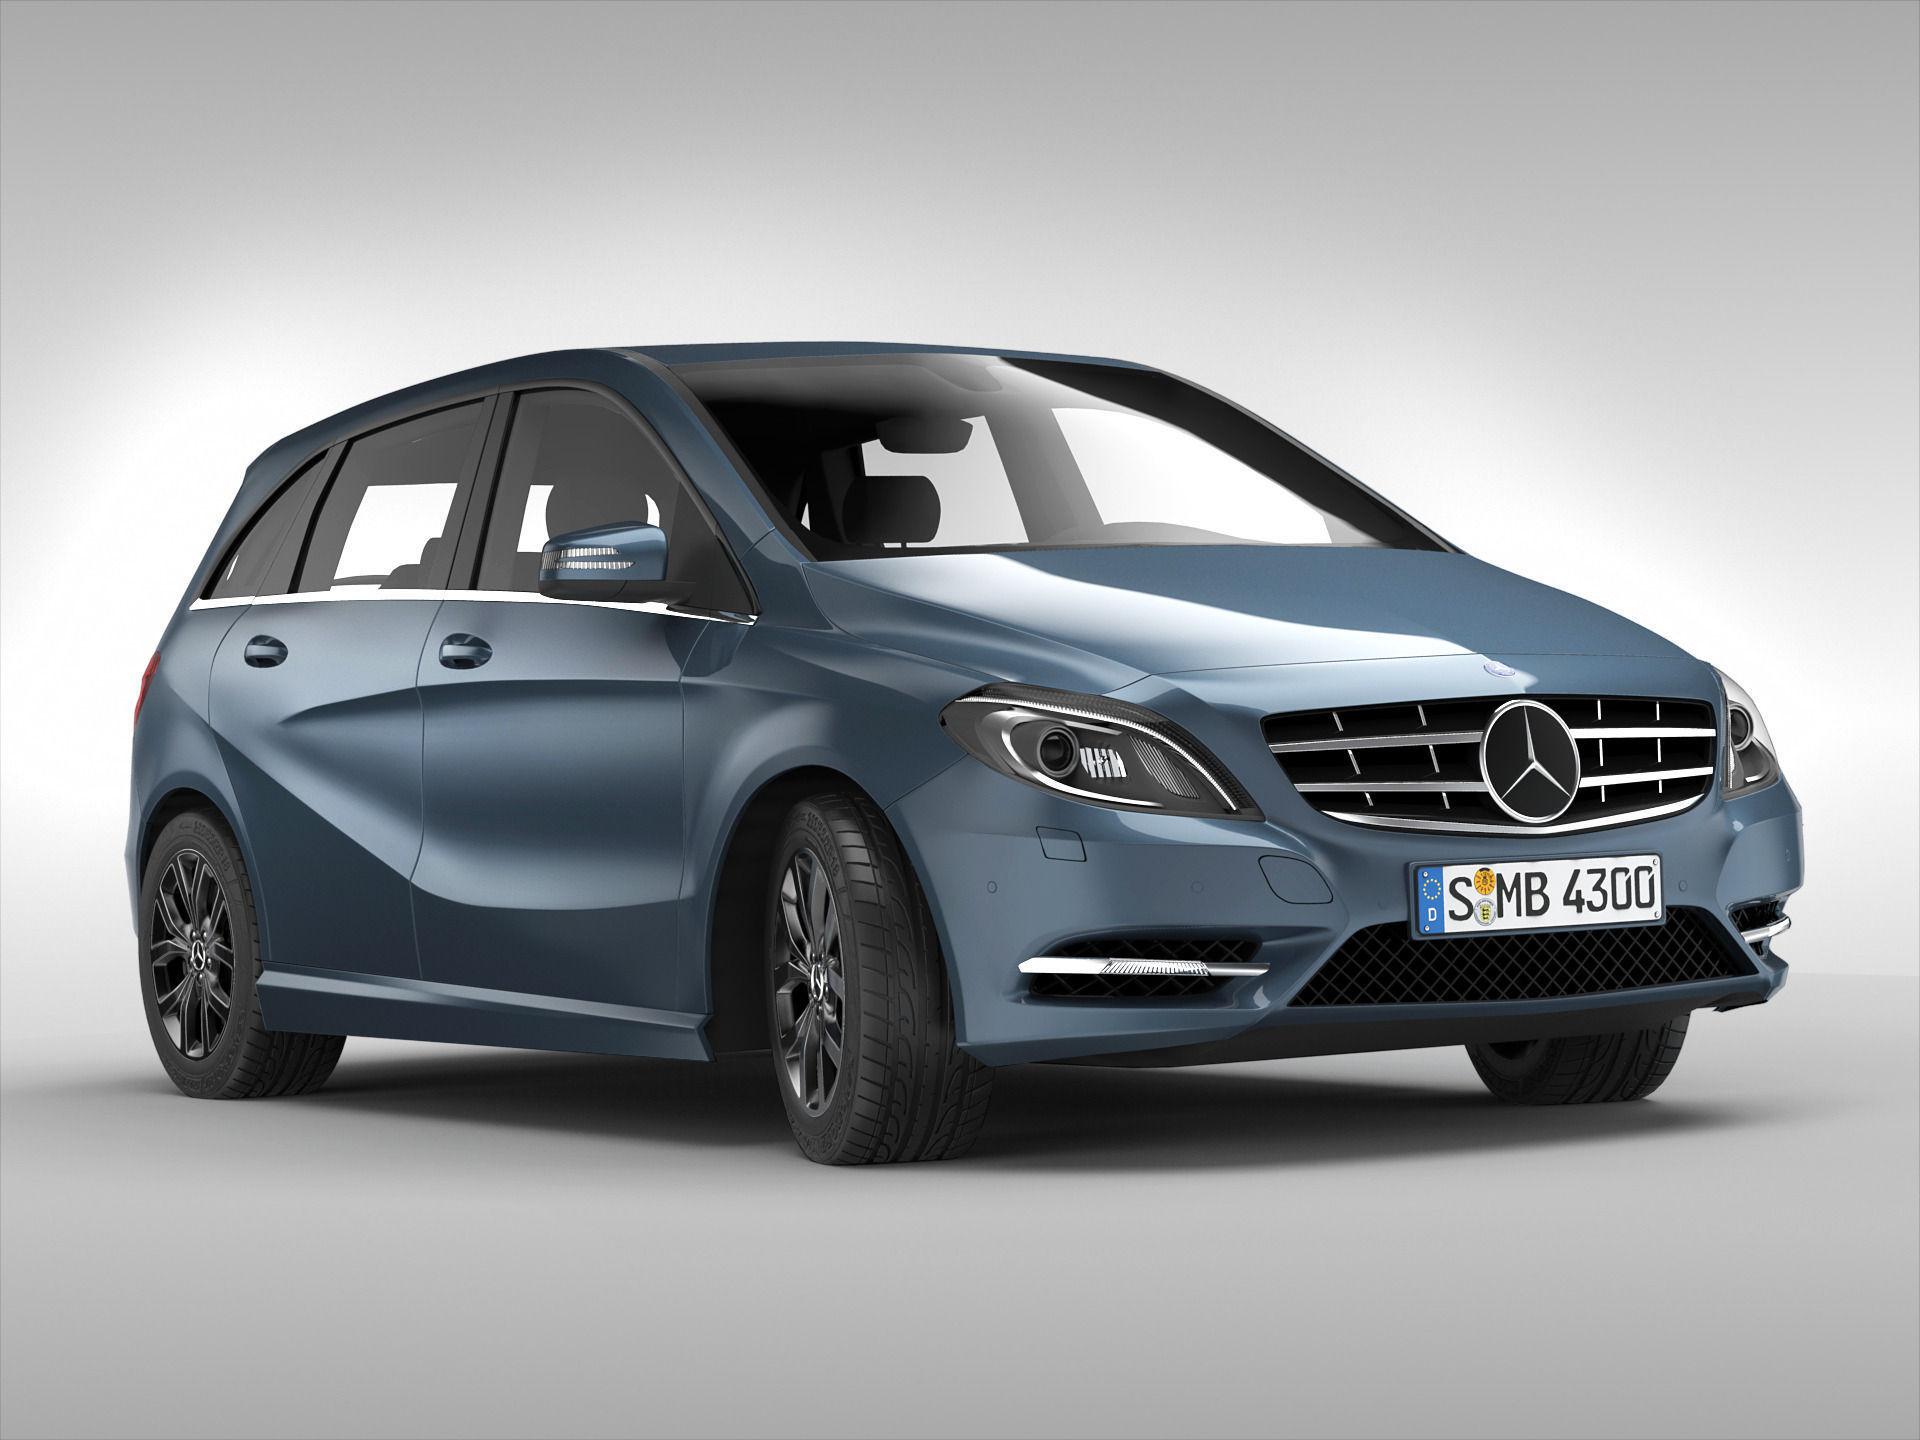 Mercedes benz b class 2012 3d model max obj 3ds fbx for Mercedes benz 2012 models